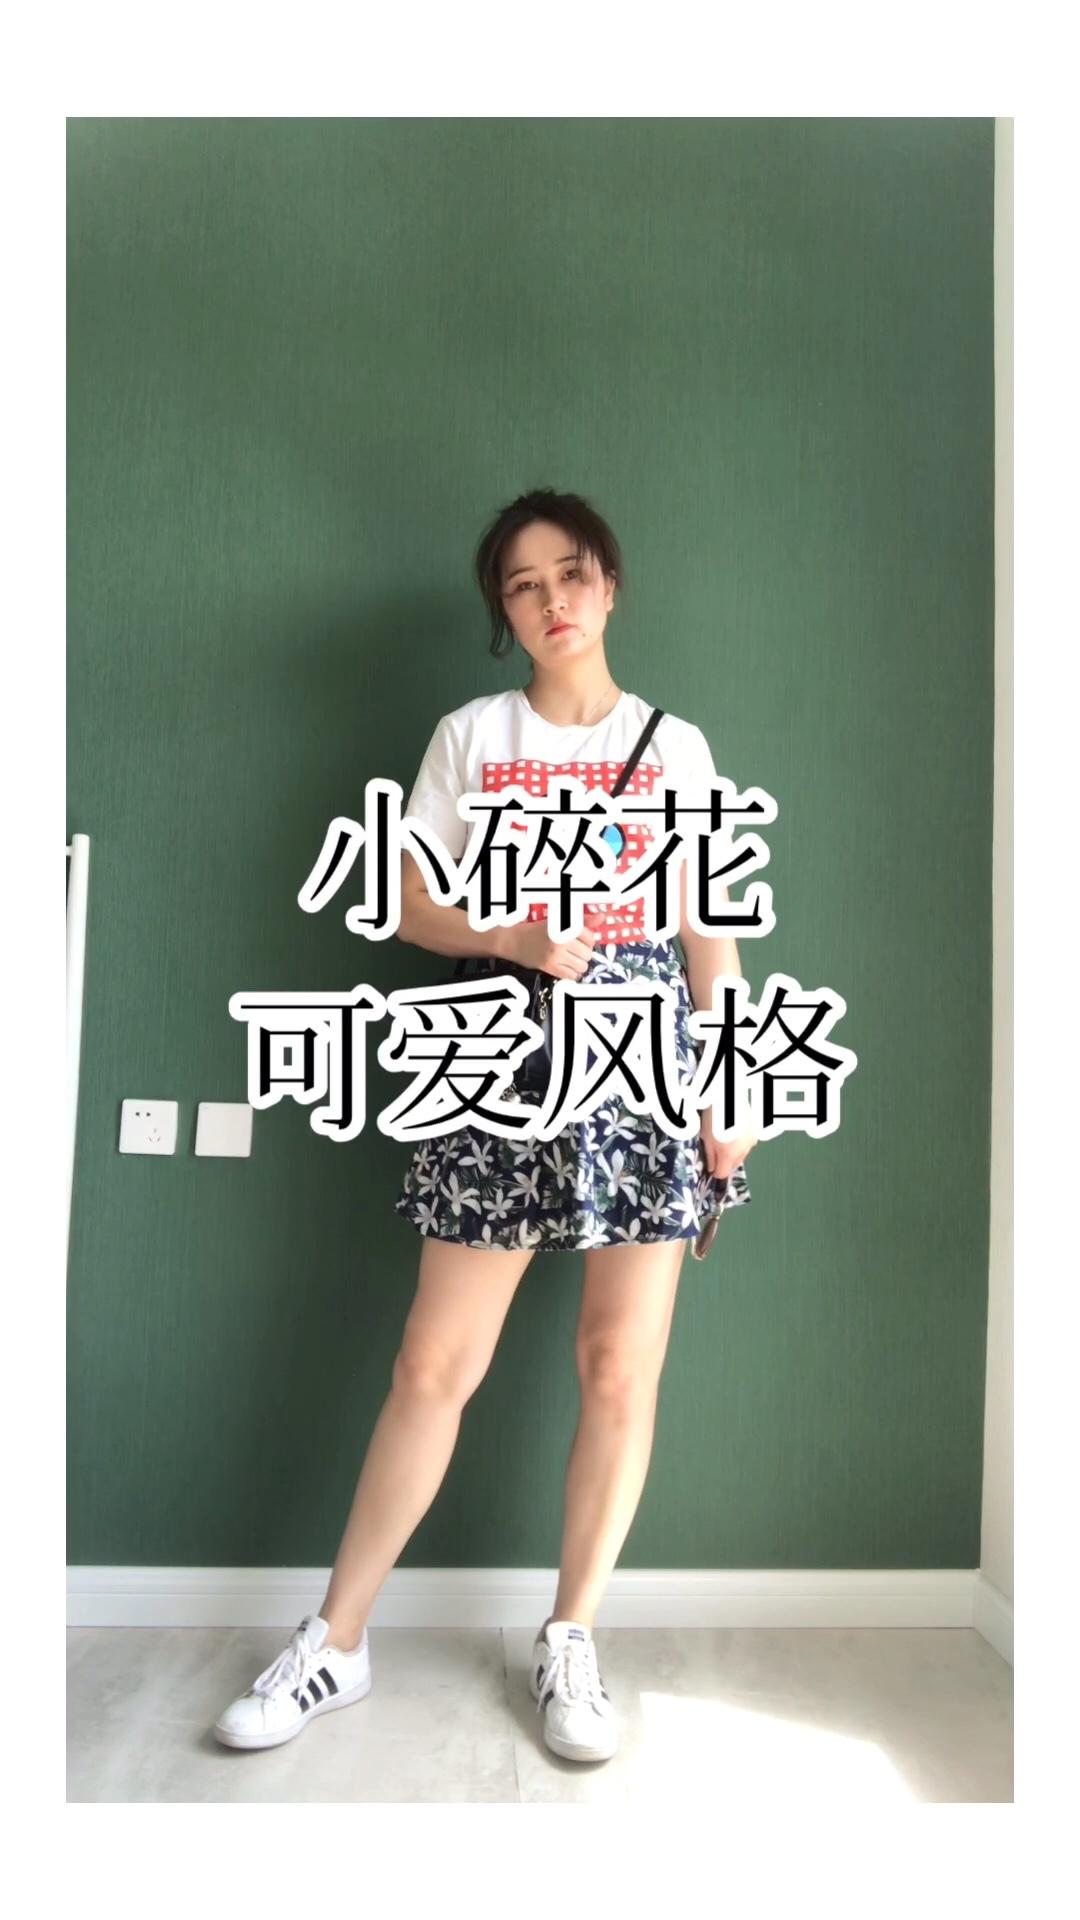 #矮个腿粗没救了?并不!#  短T➕短裙 身高180 小清新 自然 可爱 休闲搭配 显白显瘦修身 upupup